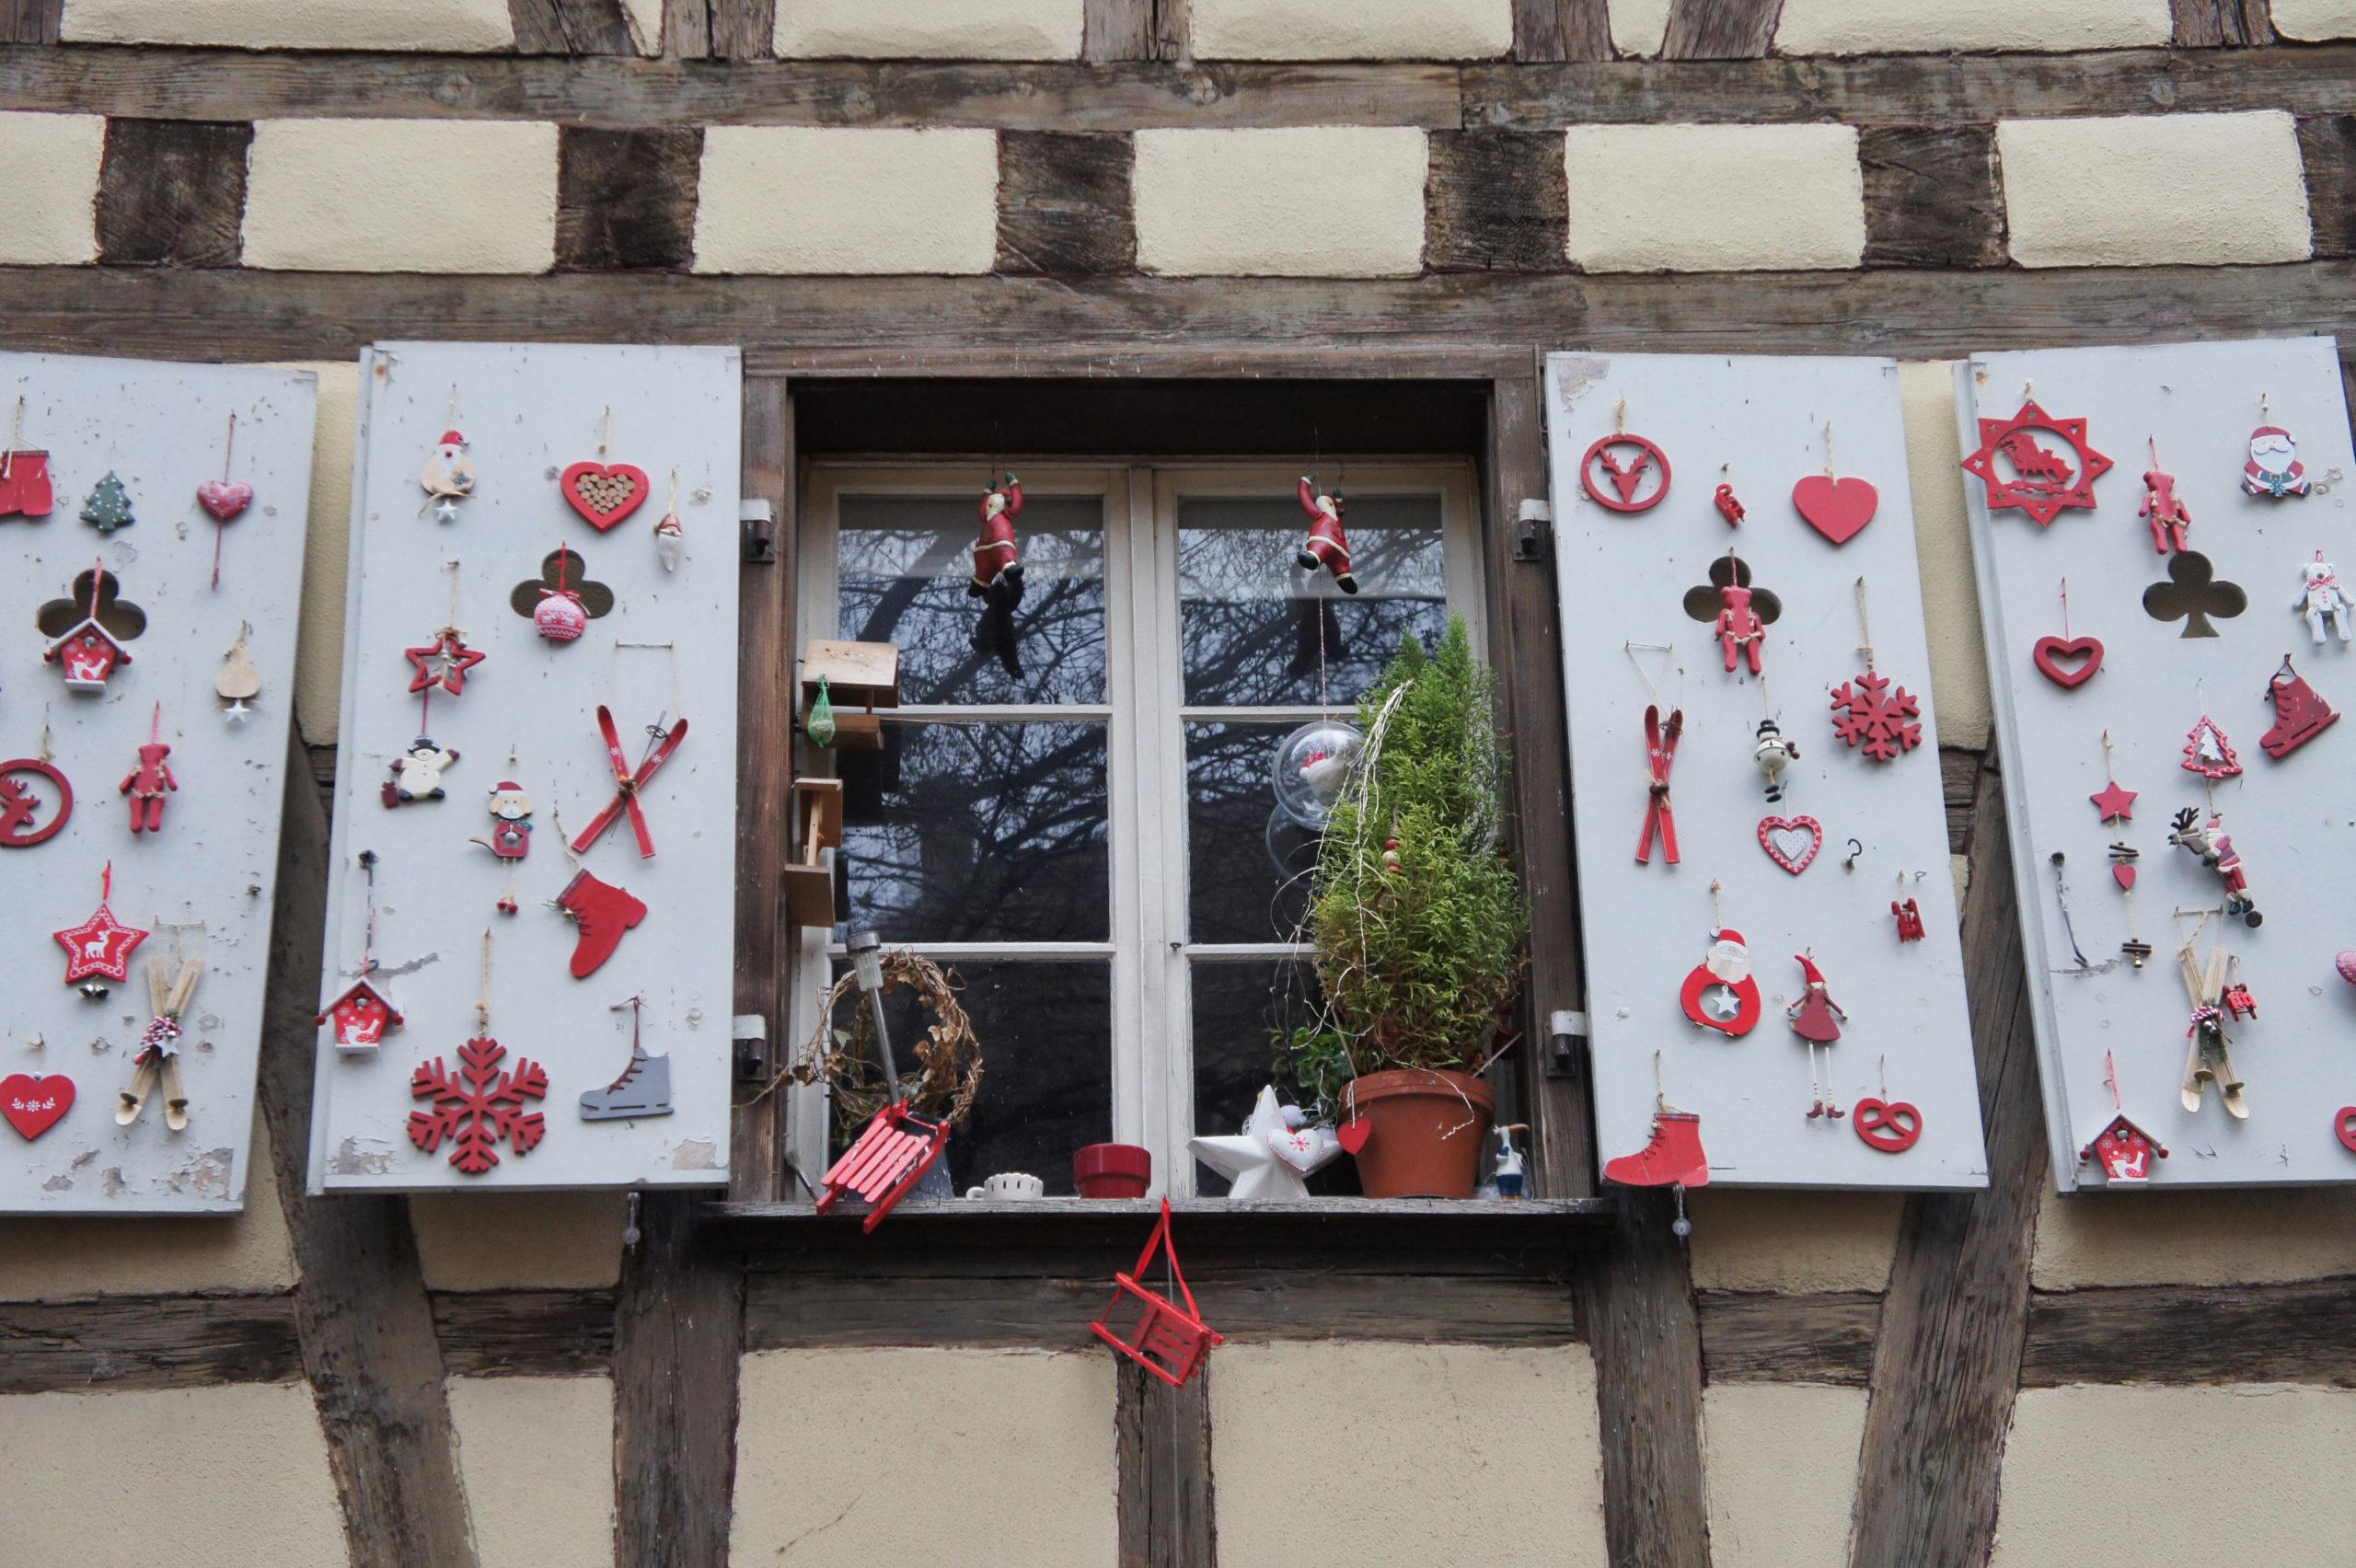 Décoration de Noël sur les fenêtres d'une des maisons du quartier des tanneurs